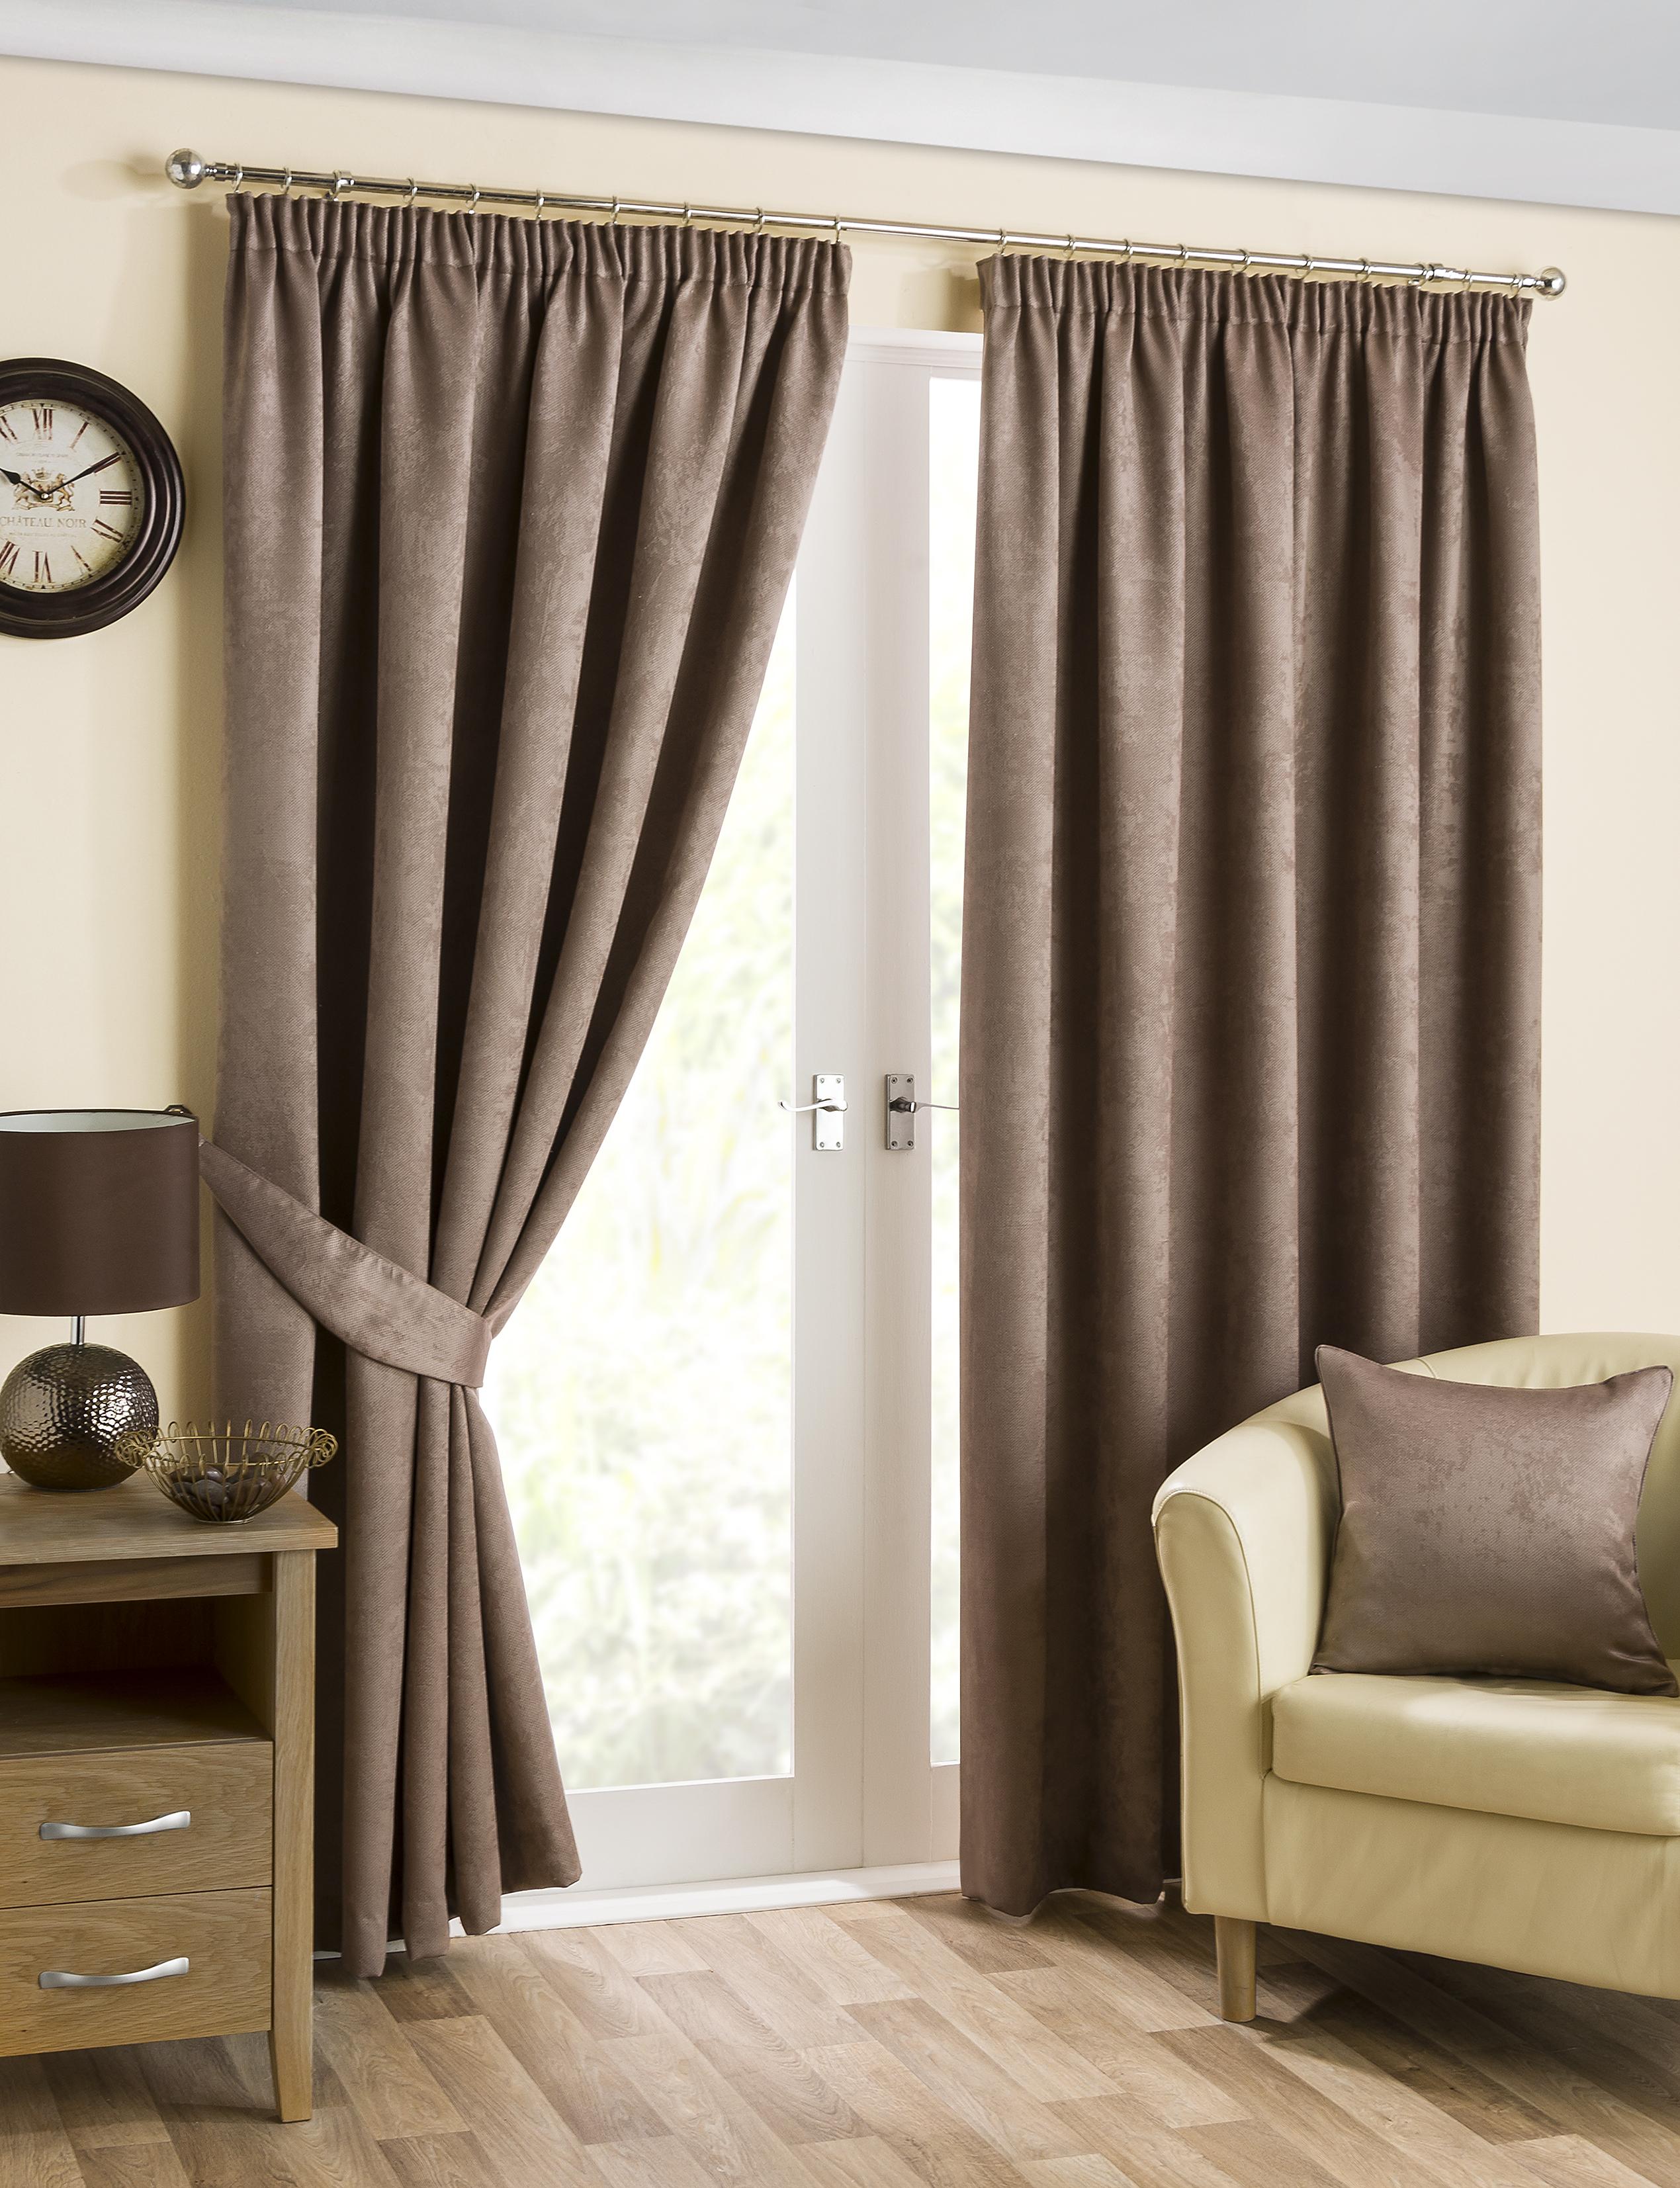 rideaux occultants mink de luxe thermique bande douce haut. Black Bedroom Furniture Sets. Home Design Ideas